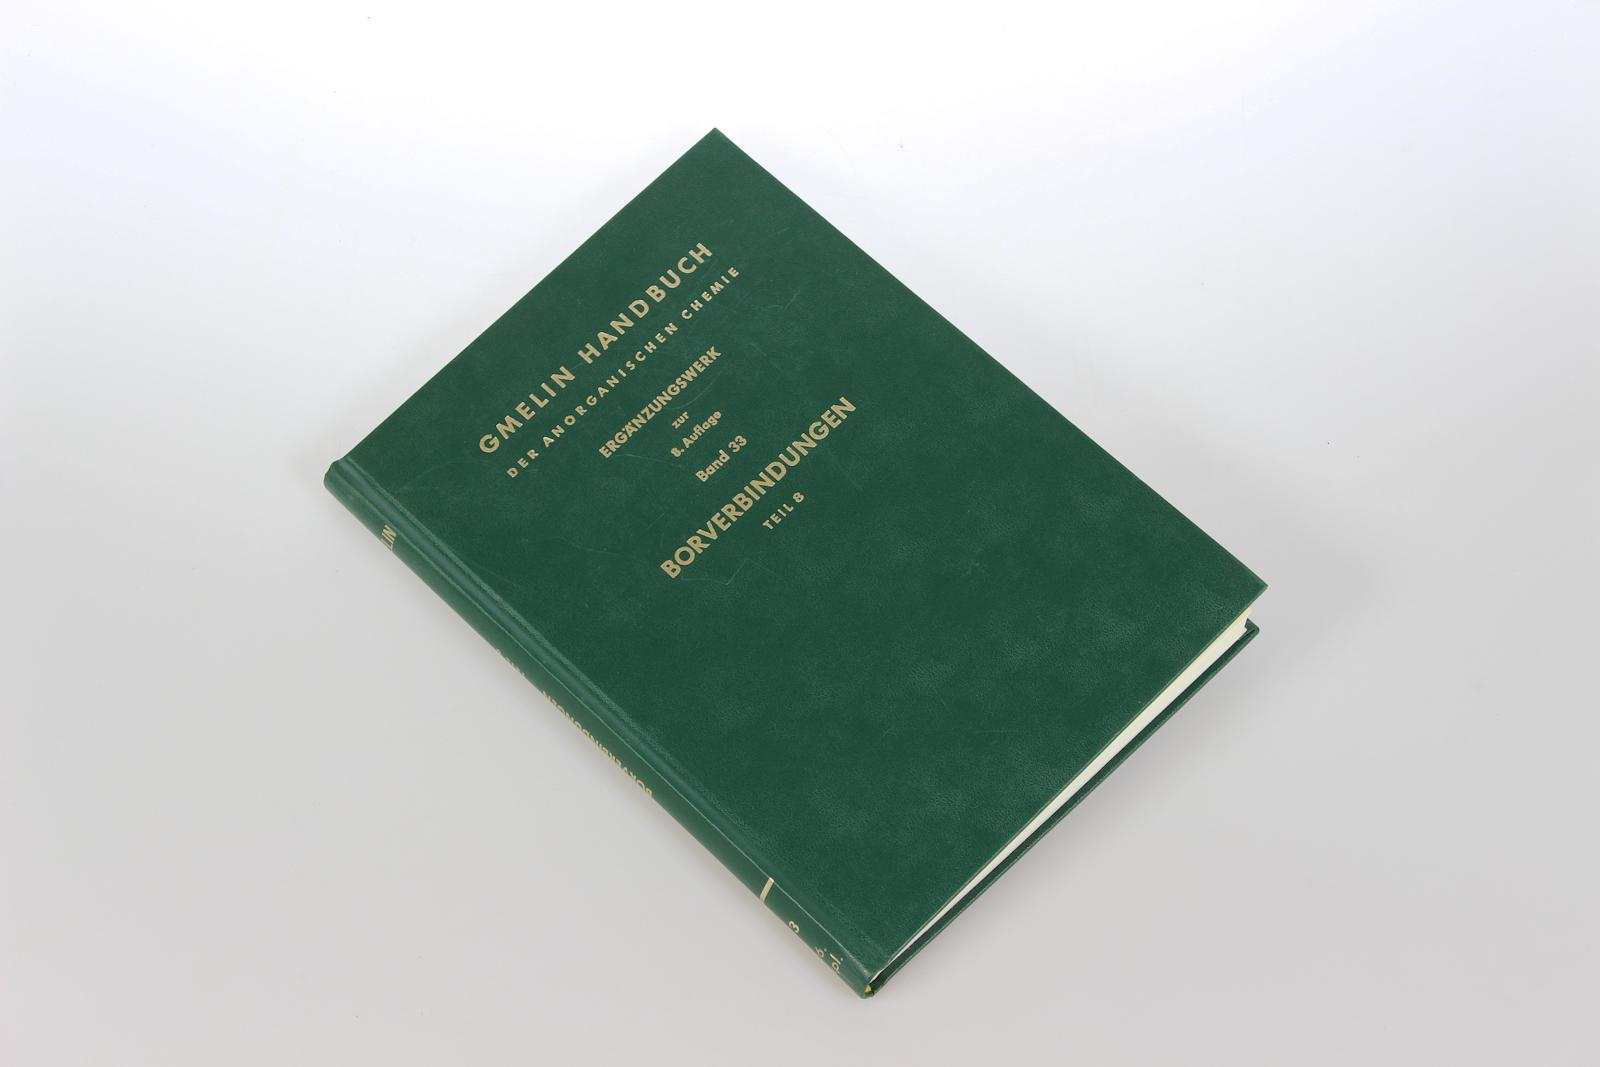 Gmelins Handbuch der Anorganischen Chemie. Ergänzungswerk zur 8. Auflage. Bd.33: Borverbindungen, Teil 8: Das Tetrahydroborat-Ion und Derivate.